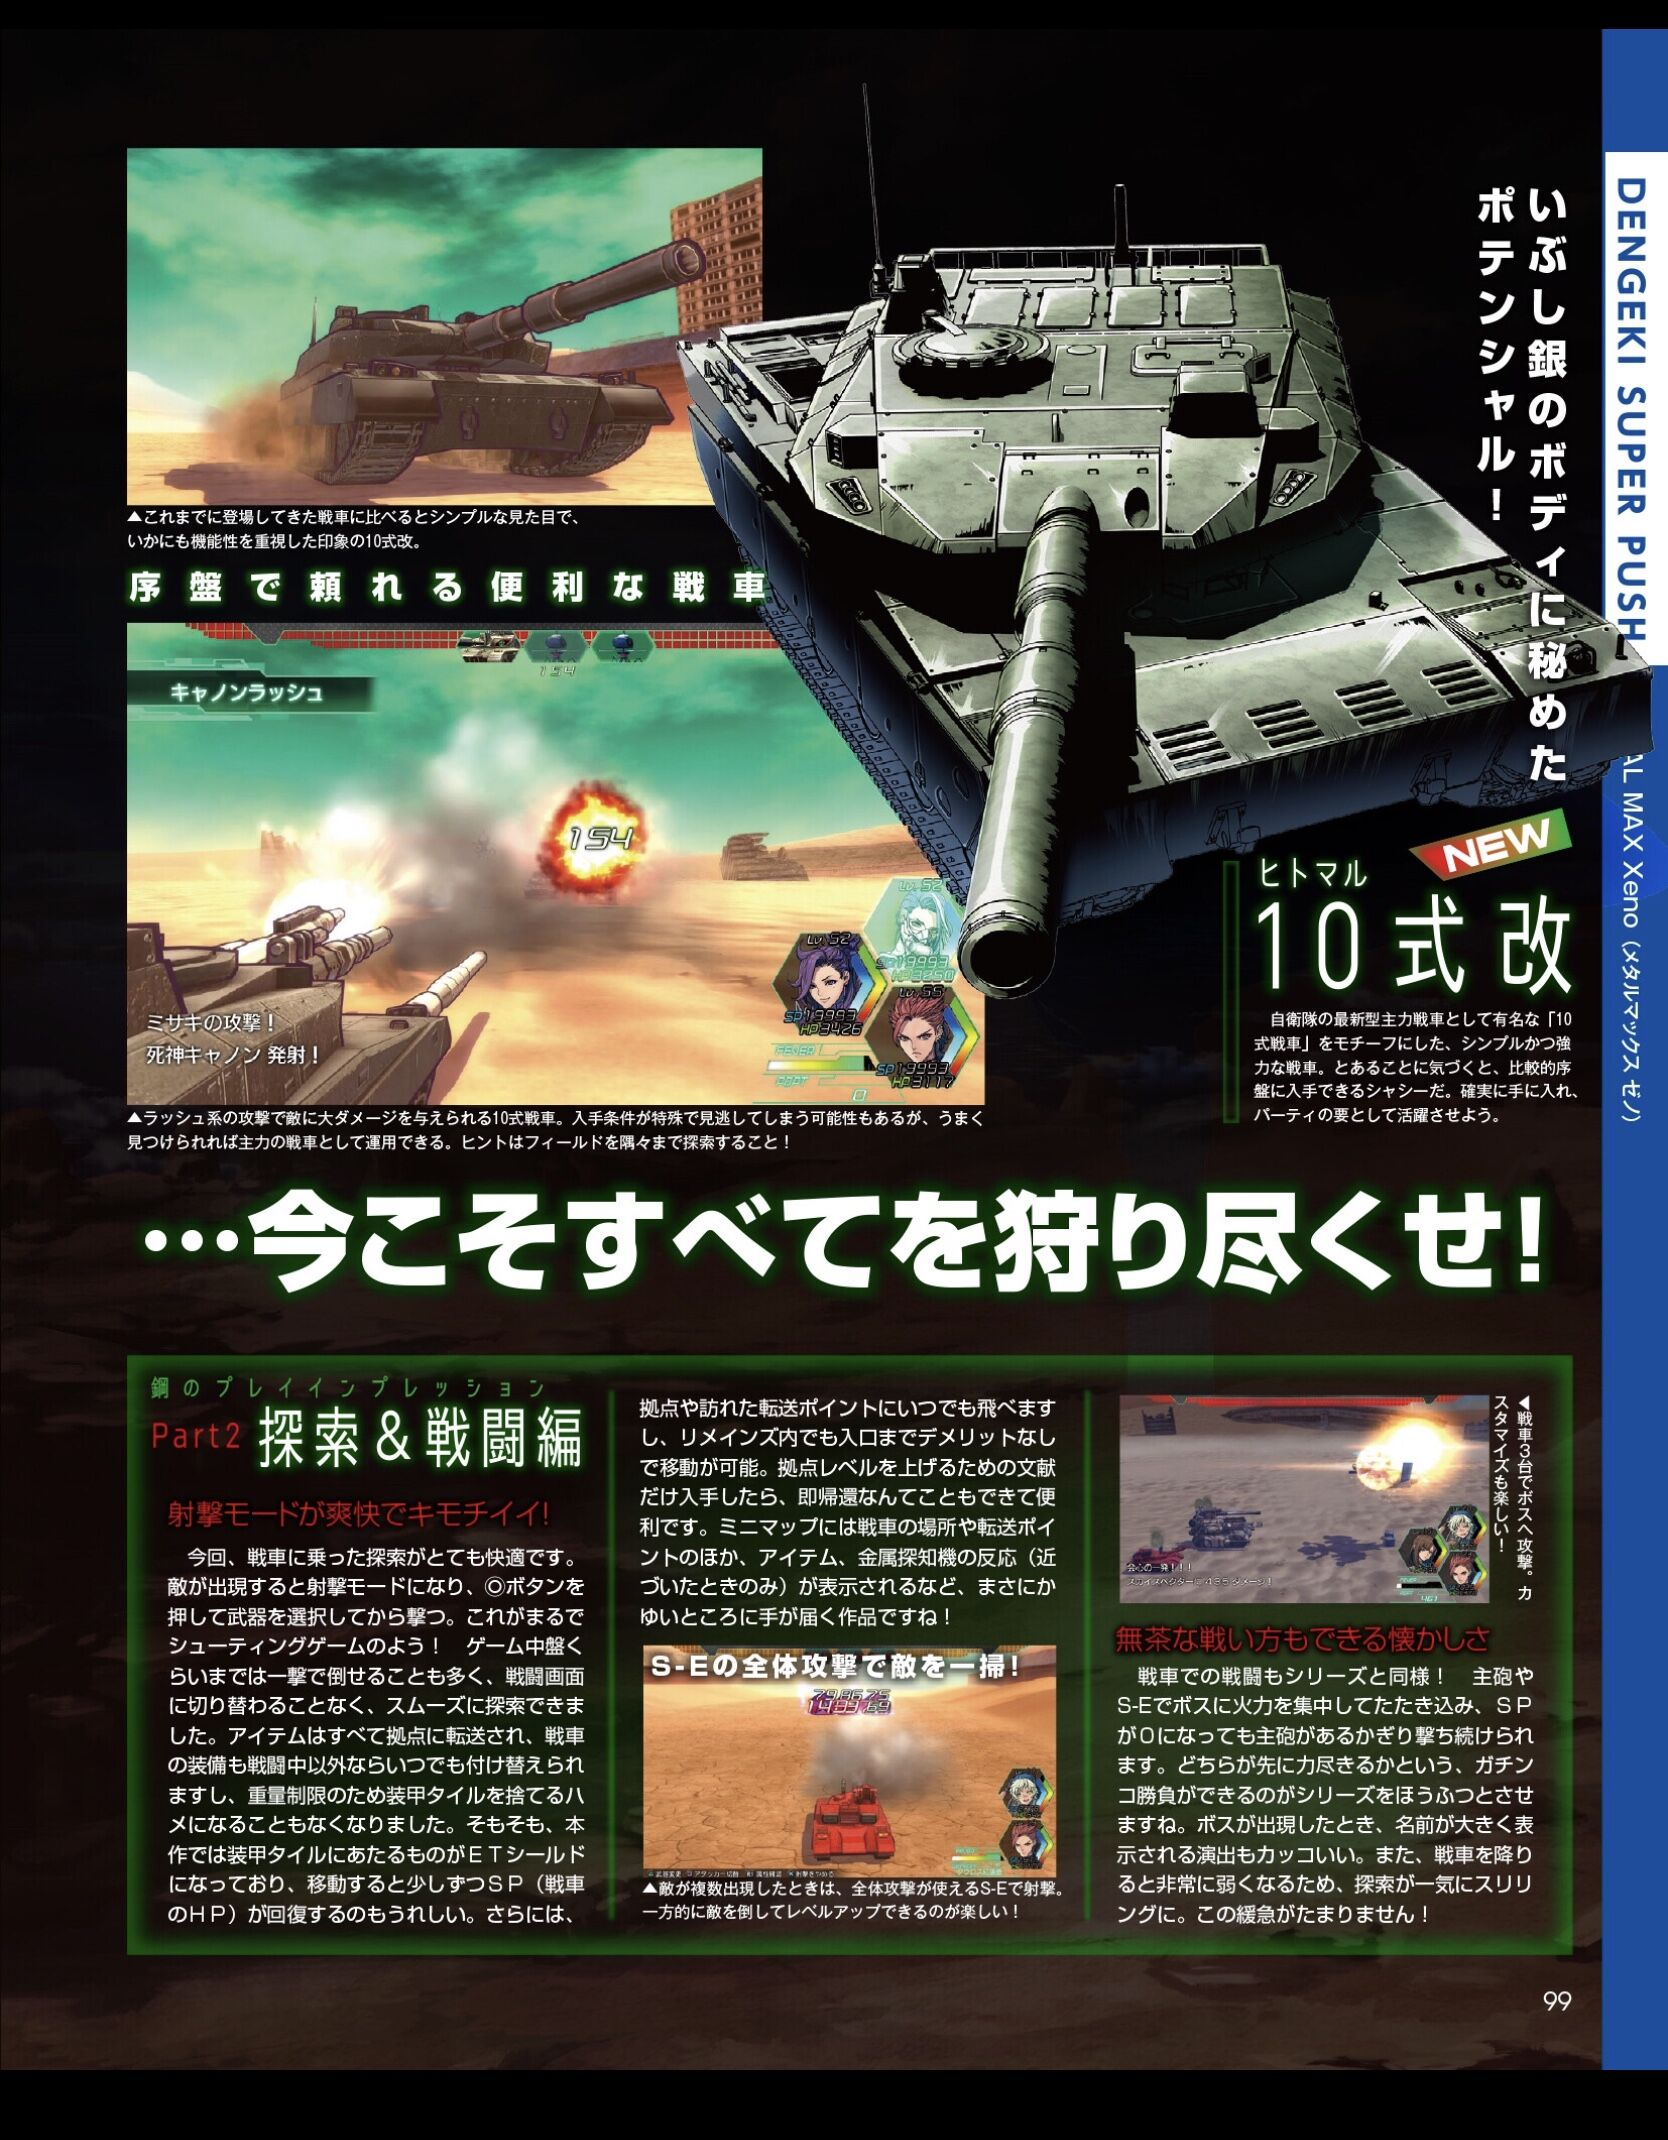 """新战车""""10式改""""公布,战车设计图要素公开!重装机兵Xeno电击PS杂志扫描图(2018-3-29)"""